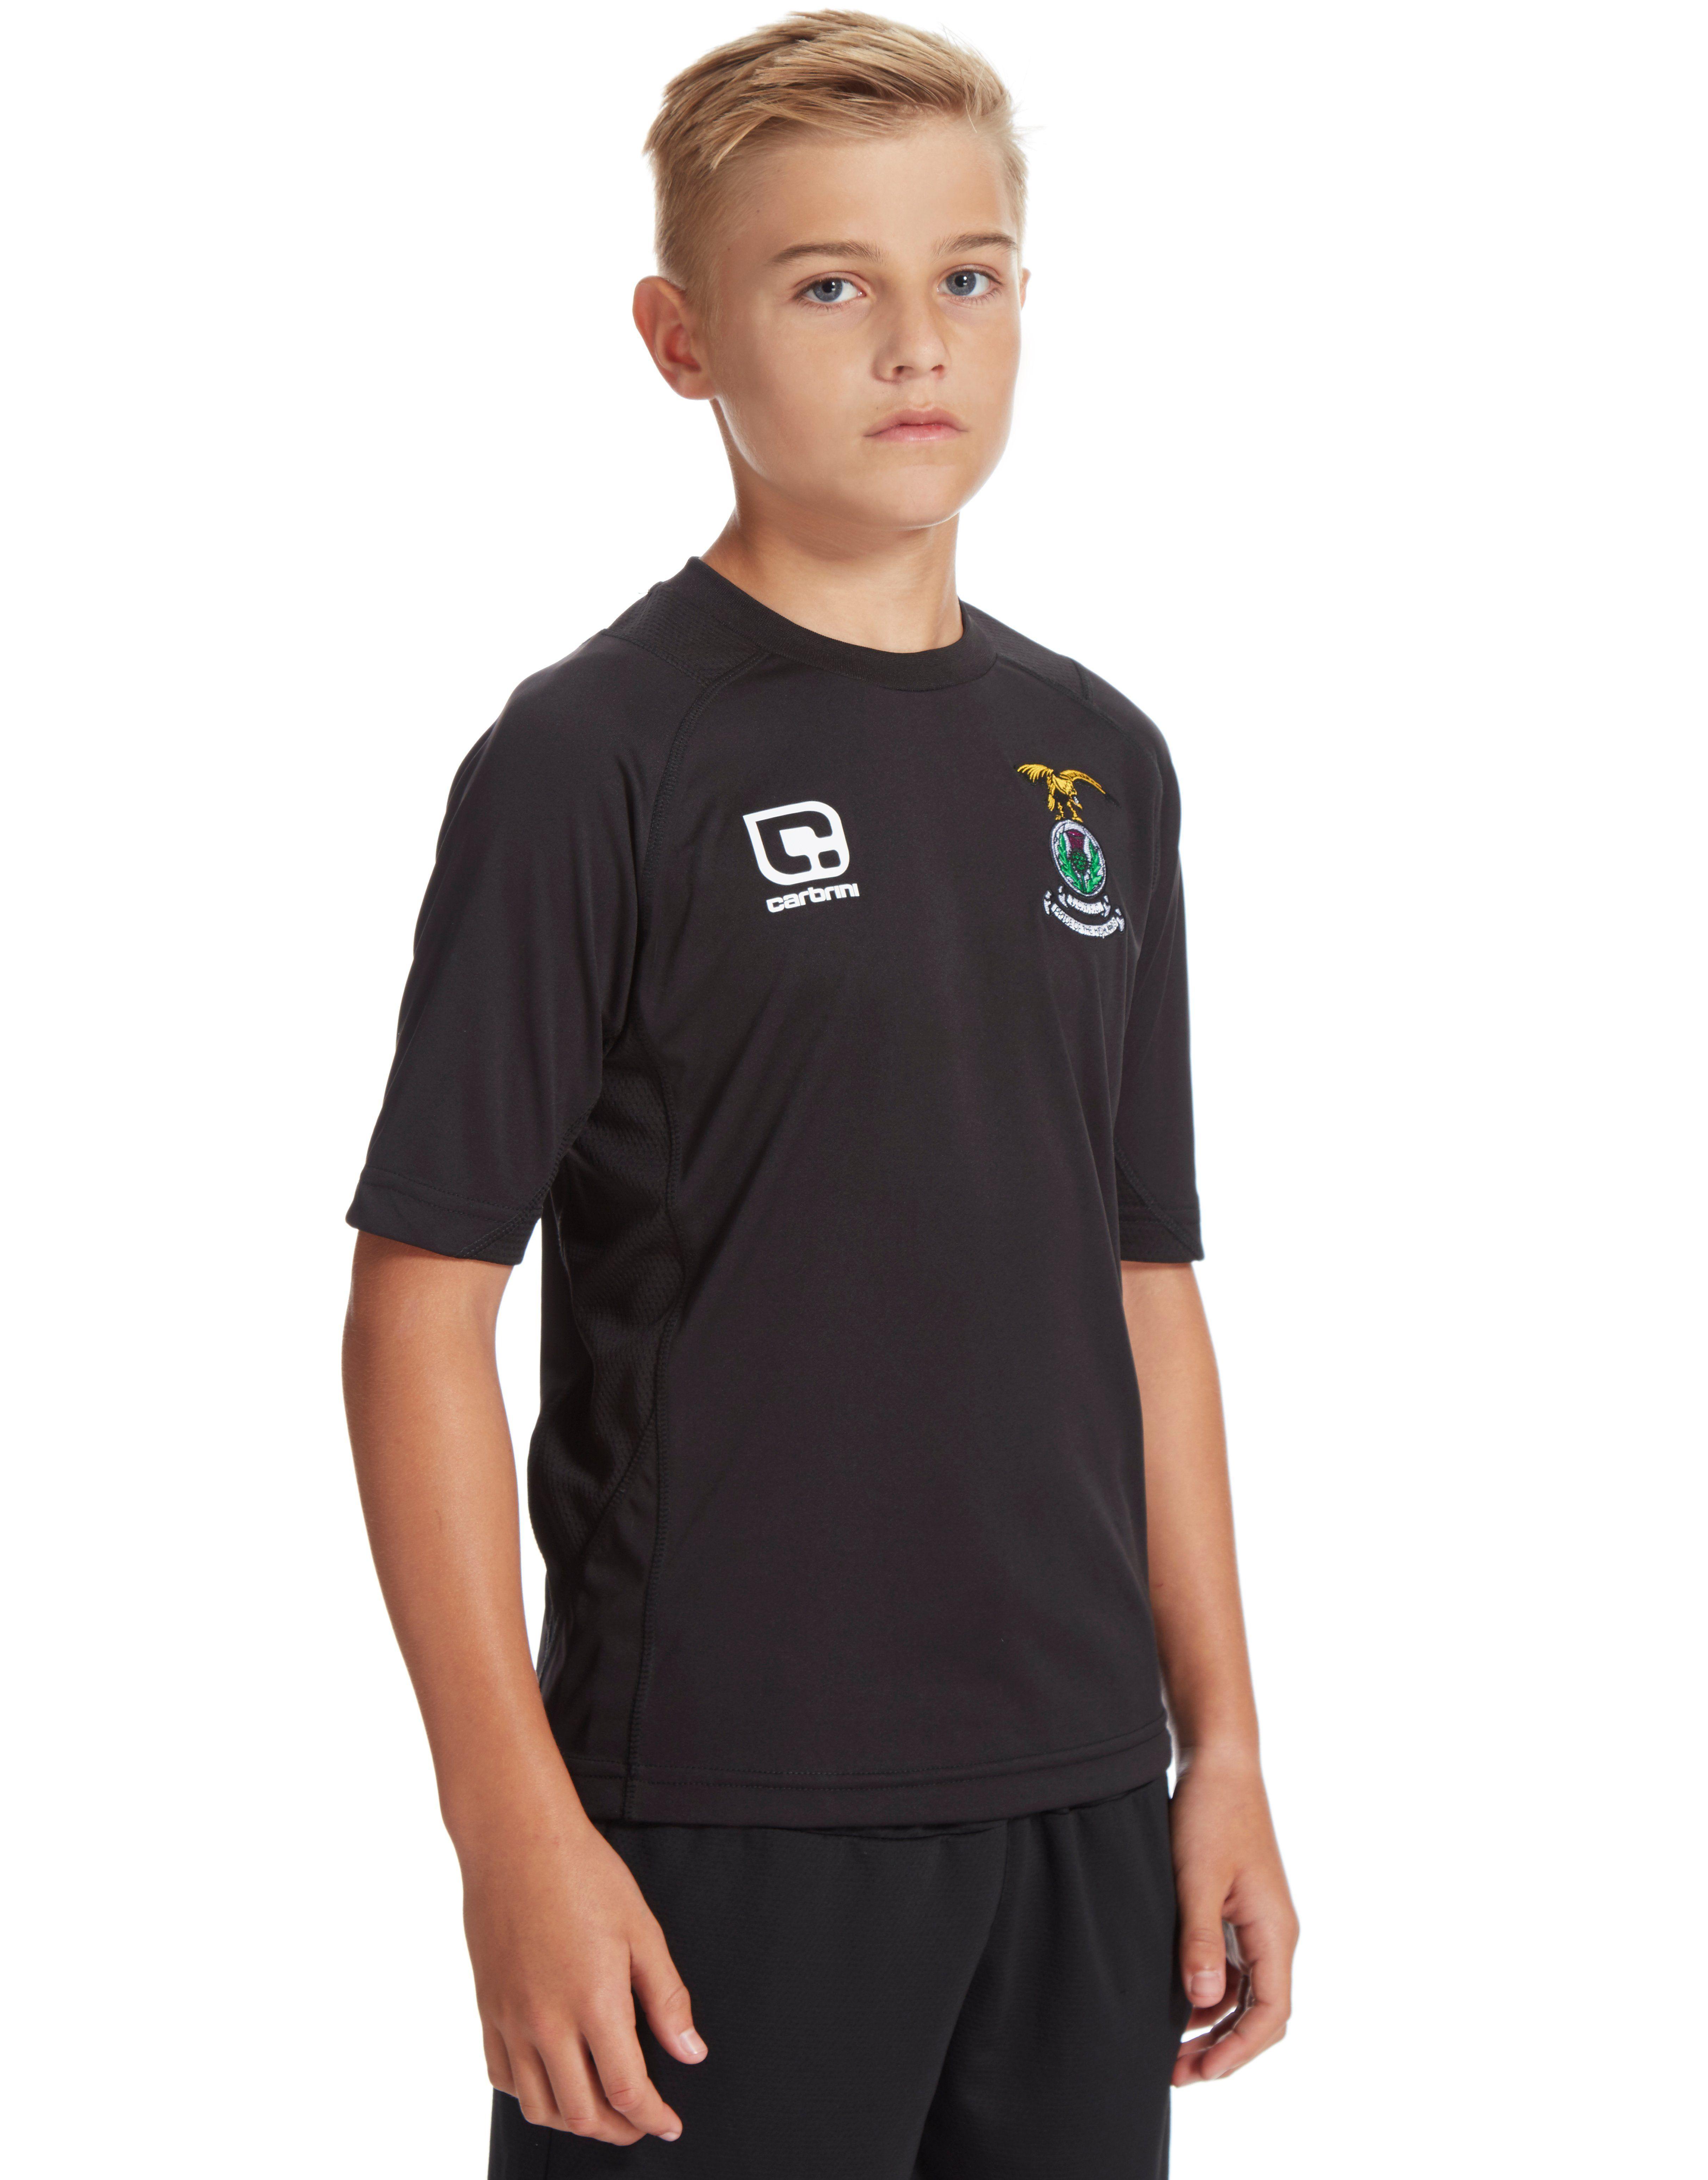 Carbrini Inverness CT Training T-Shirt Junior